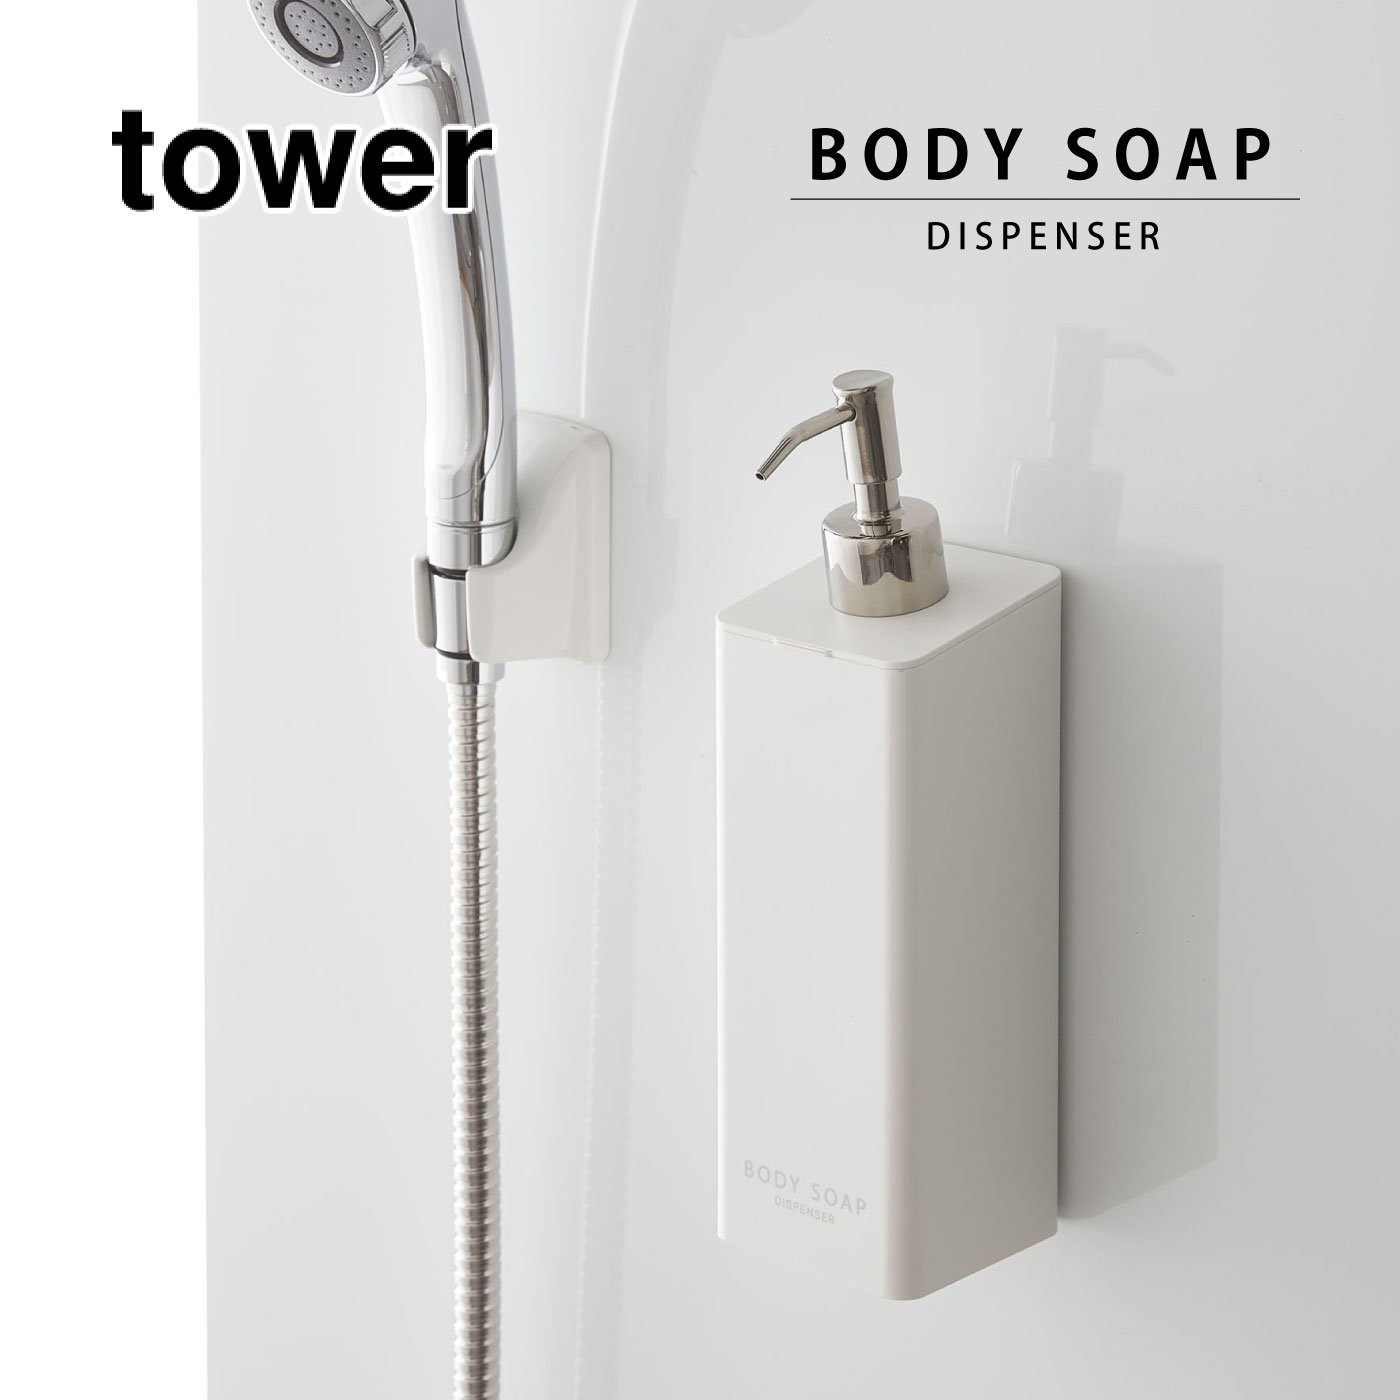 tower マグネット ツーウェイディスペンサー <ボディーソープ>